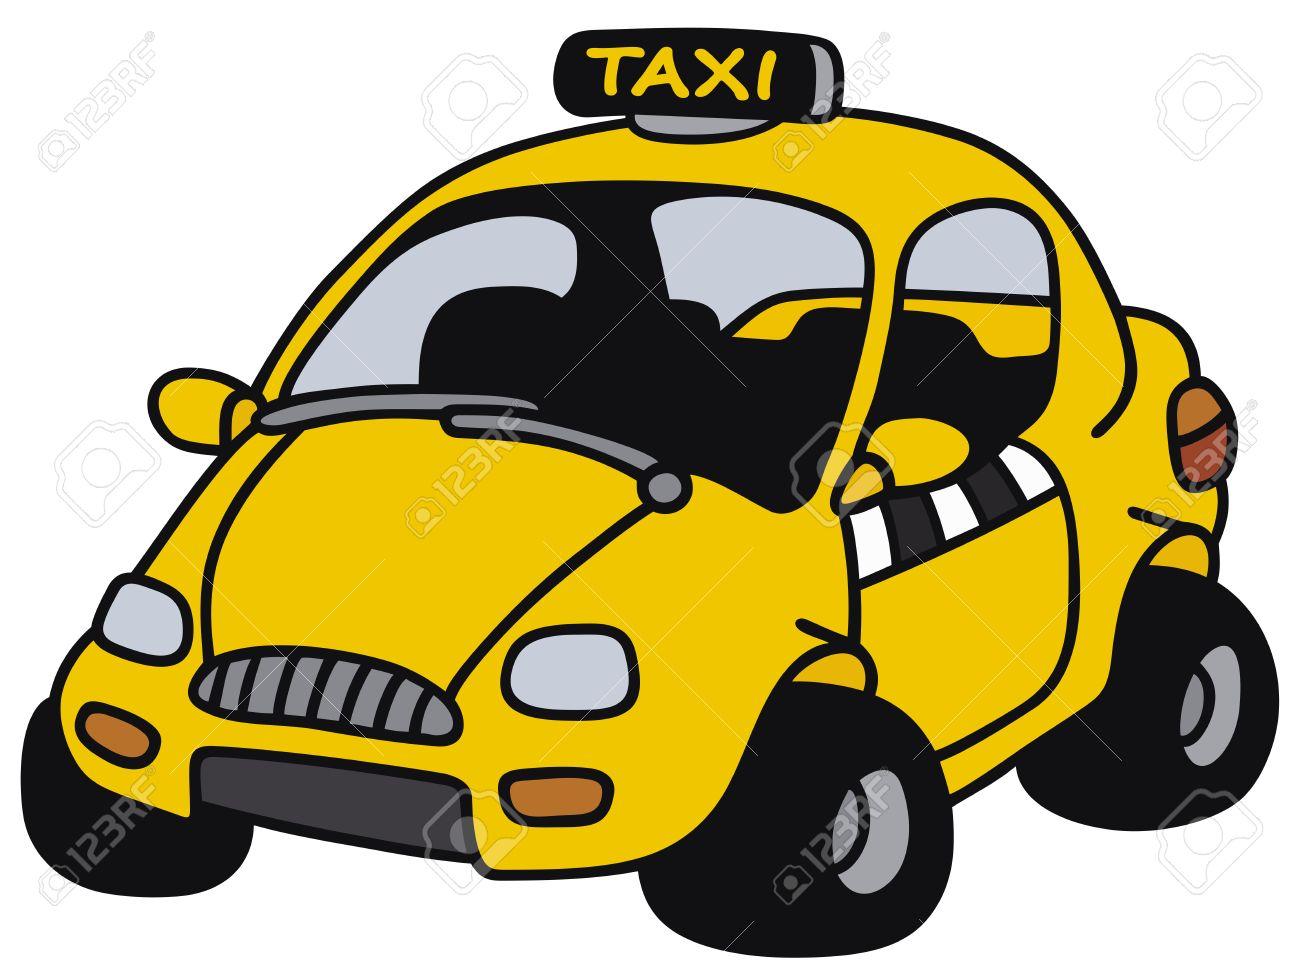 Dessin A La Main D Un Taxi Jaune Drole Pas Un Vrai Modele Clip Art Libres De Droits Vecteurs Et Illustration Image 35456235